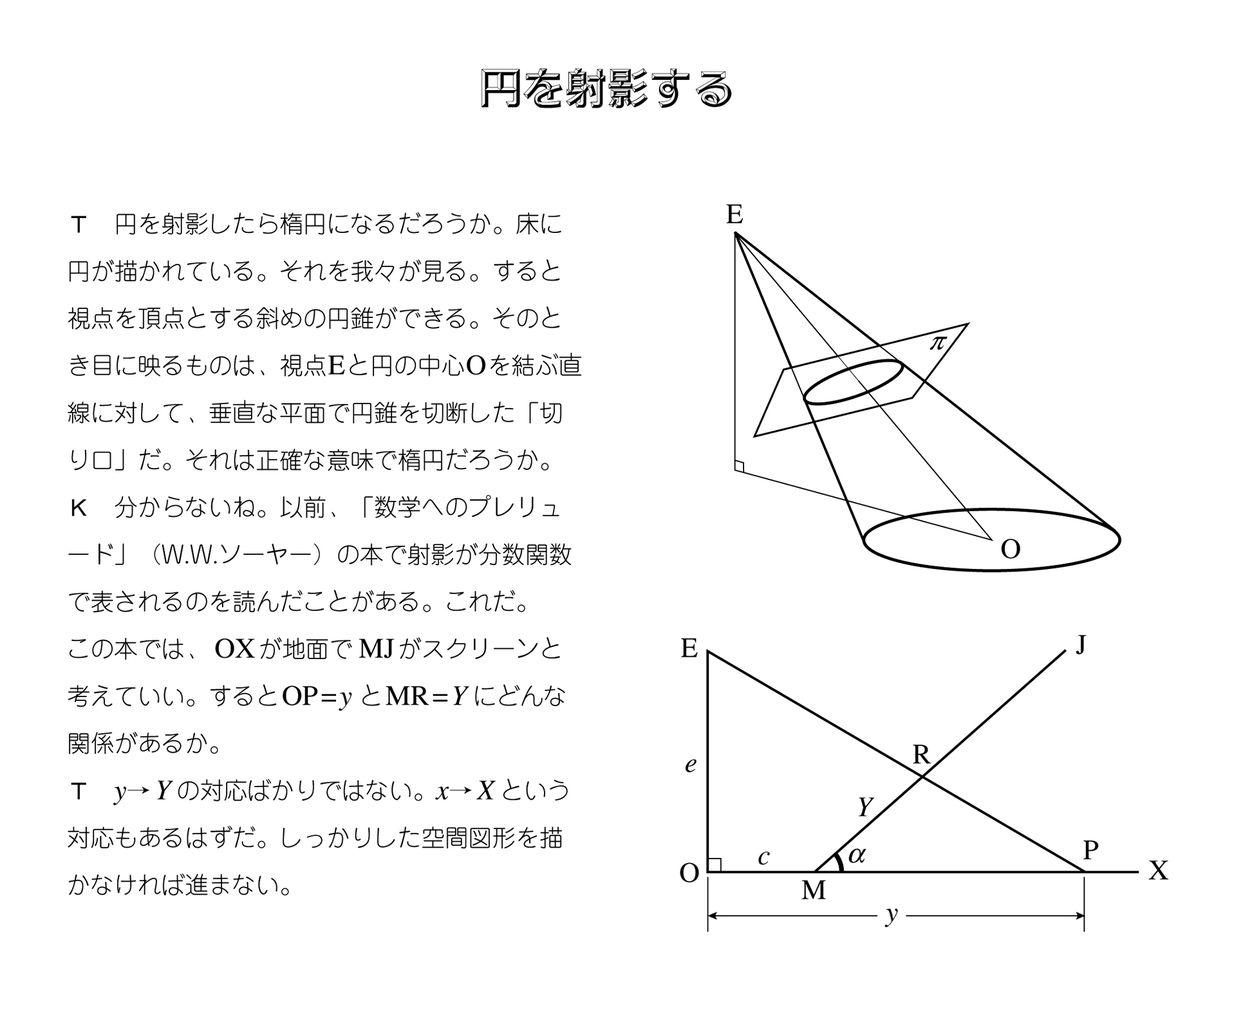 円の射影 1 : 数学芸術